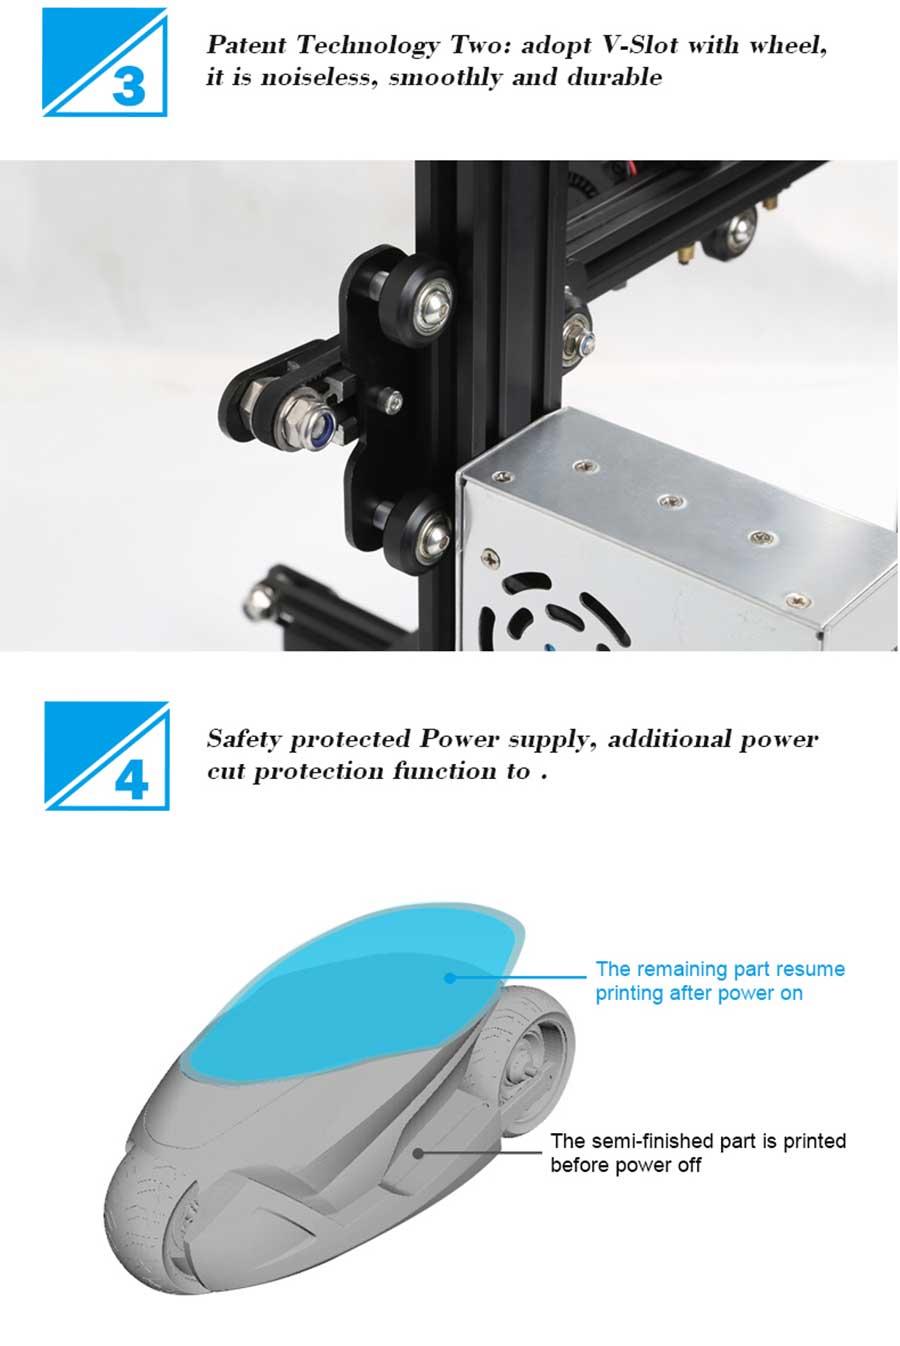 کیت پرینتر سه بعدی Ender-3 دارای تکنولوژی FDM محصول CREALITY3D